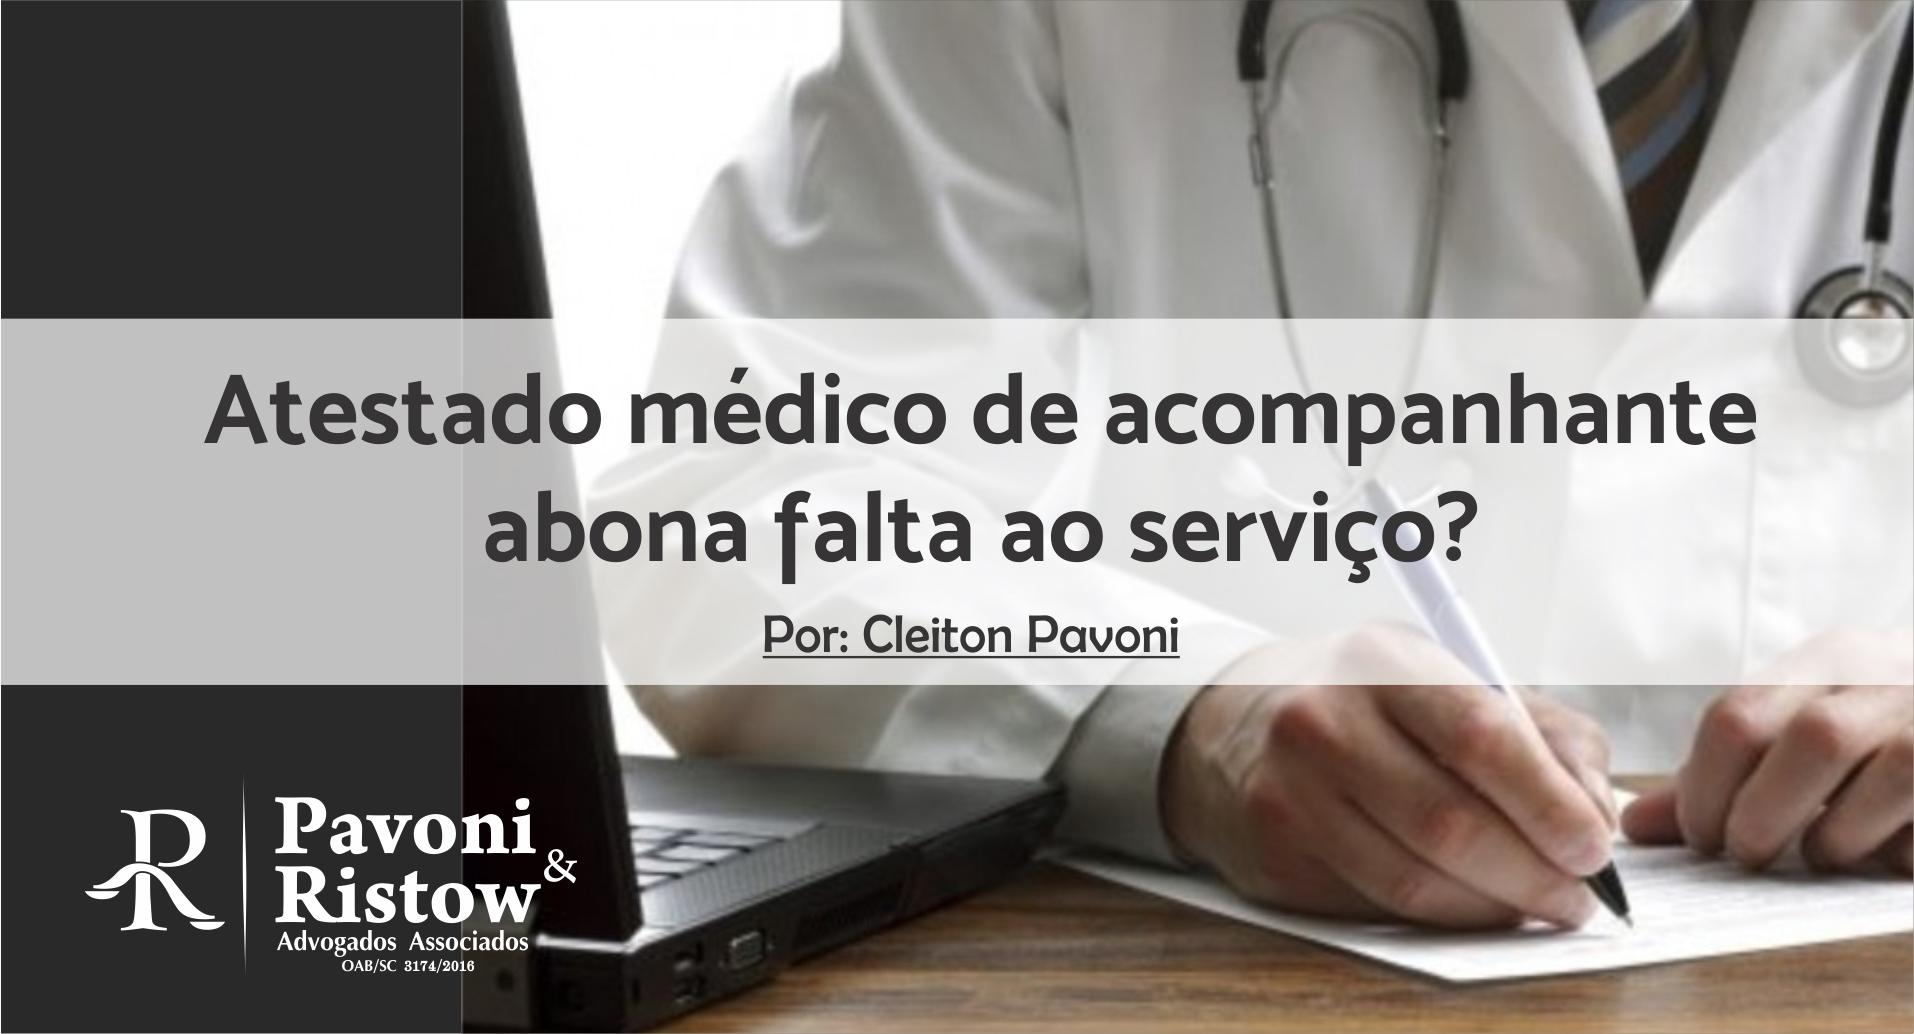 ATESTADO MÉDICO DE ACOMPANHANTE ABONA FALTA AO SERVIÇO?